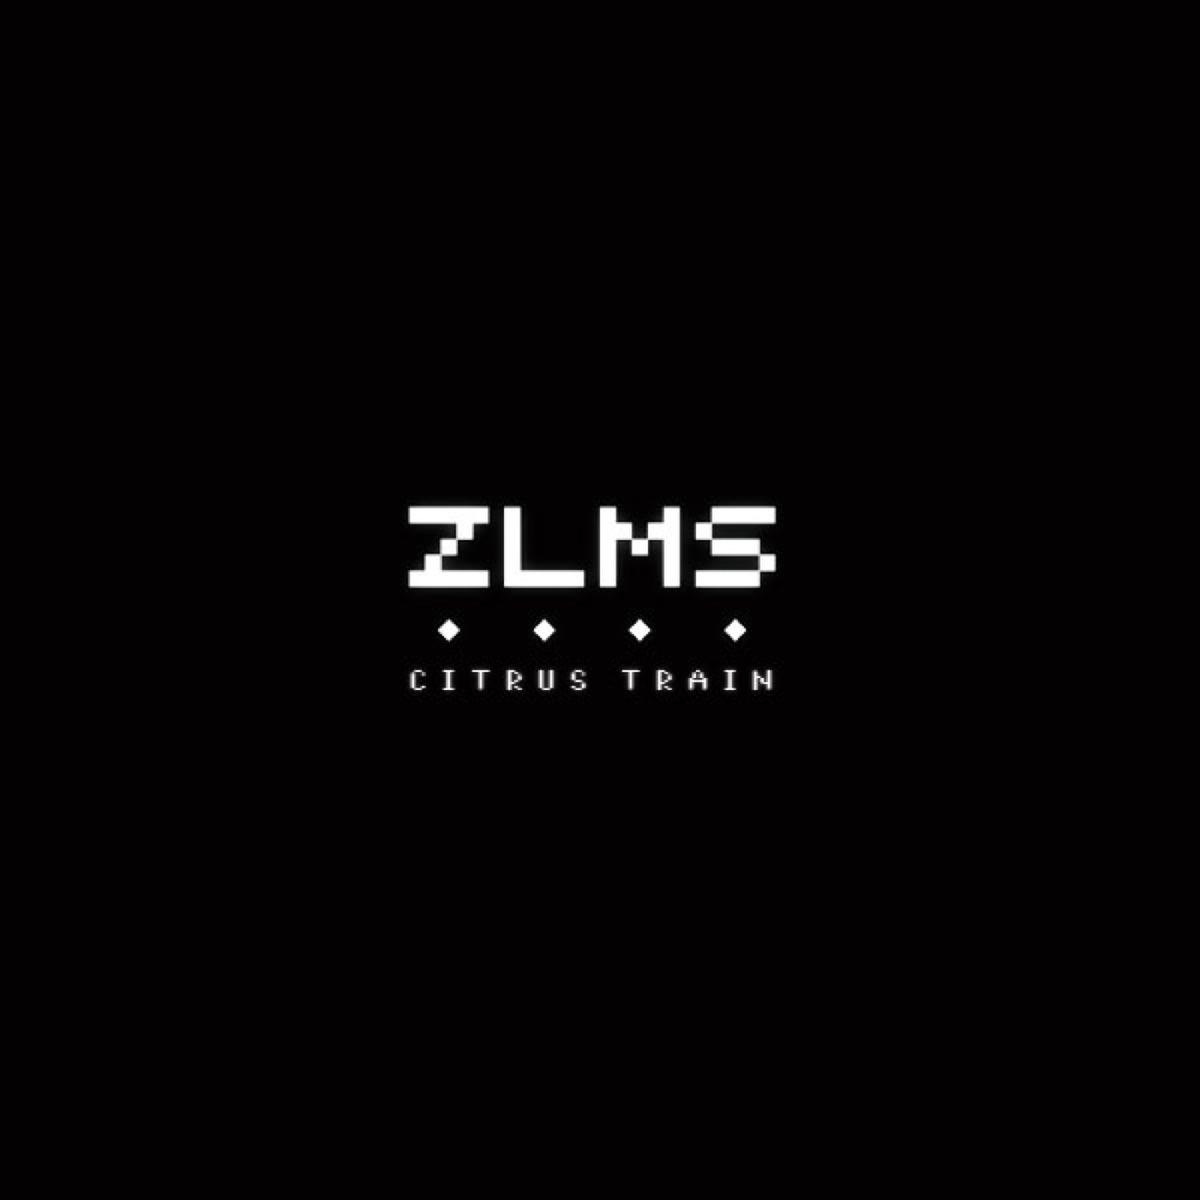 『ZLMS - CITRUS TRAIN』収録の『CITRUS TRAIN』ジャケット